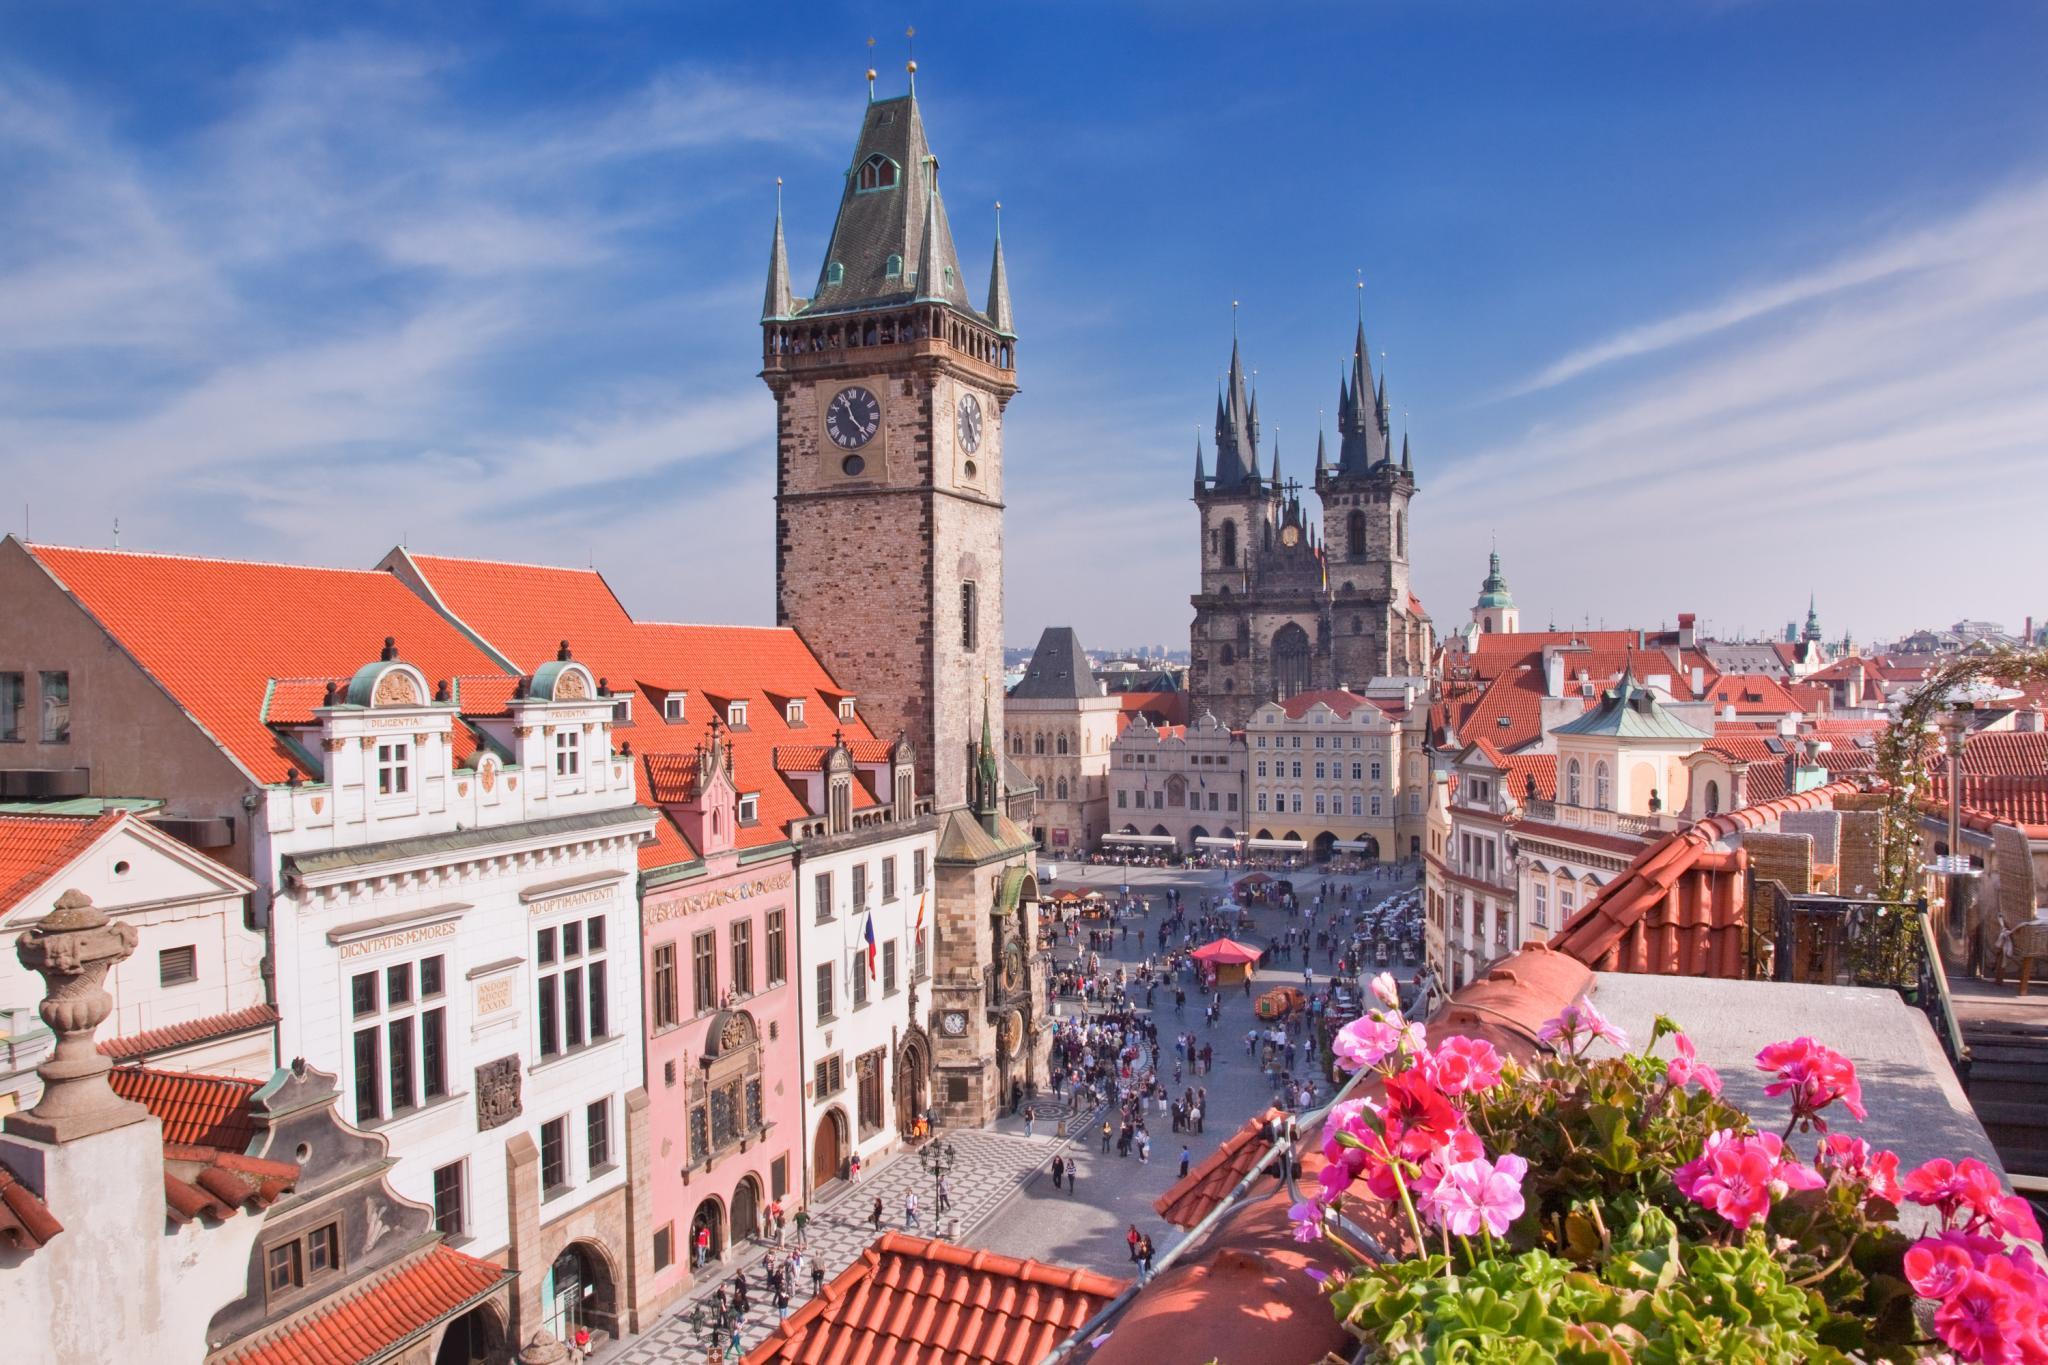 Прага - Мюнхен как добраться самостоятельно расстояние